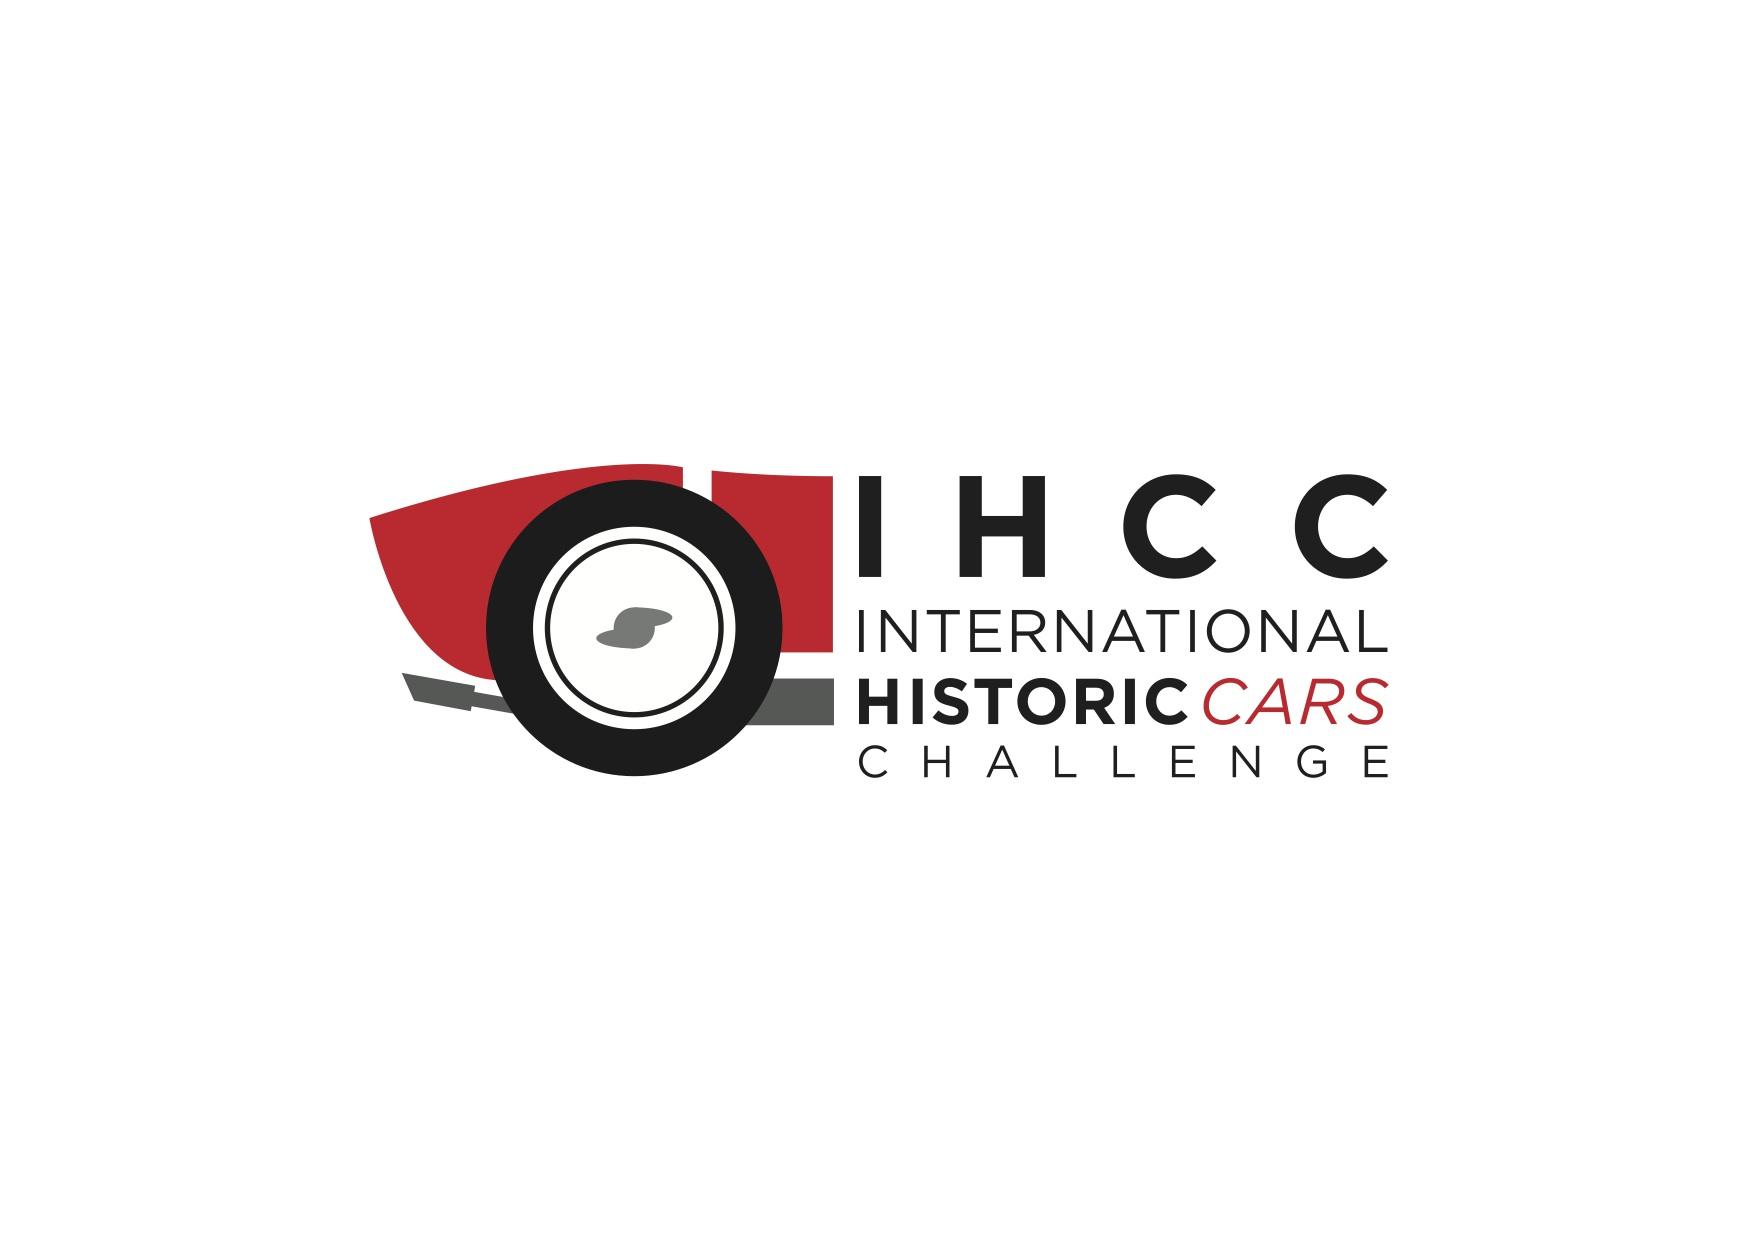 logo ihcc